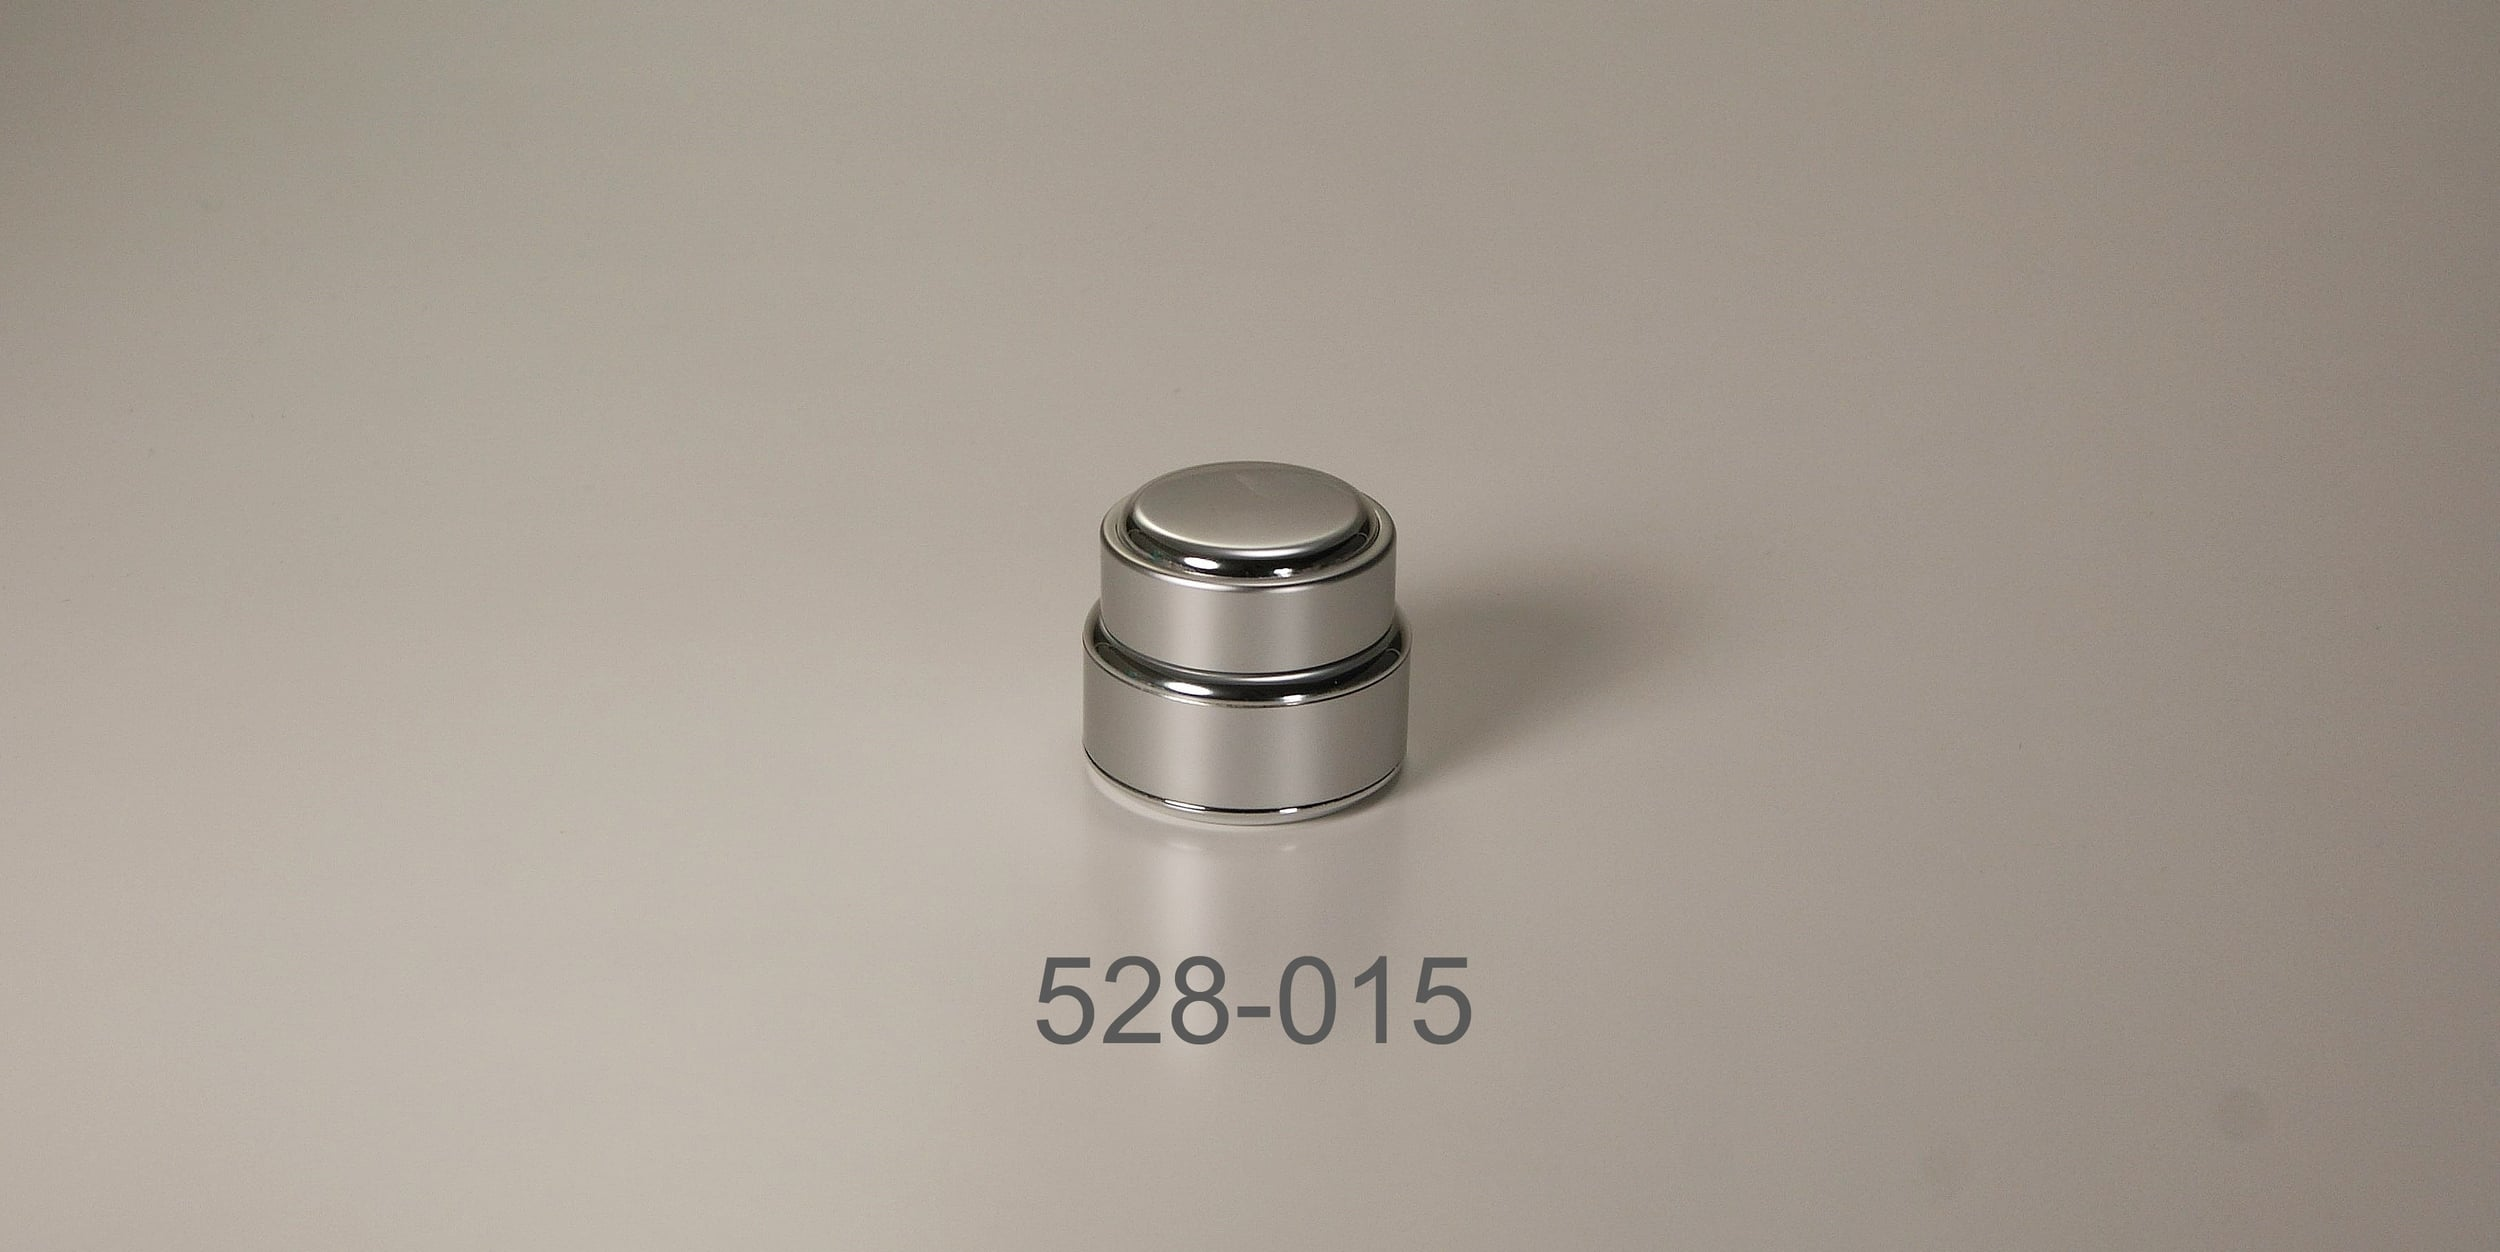 528-015.jpg